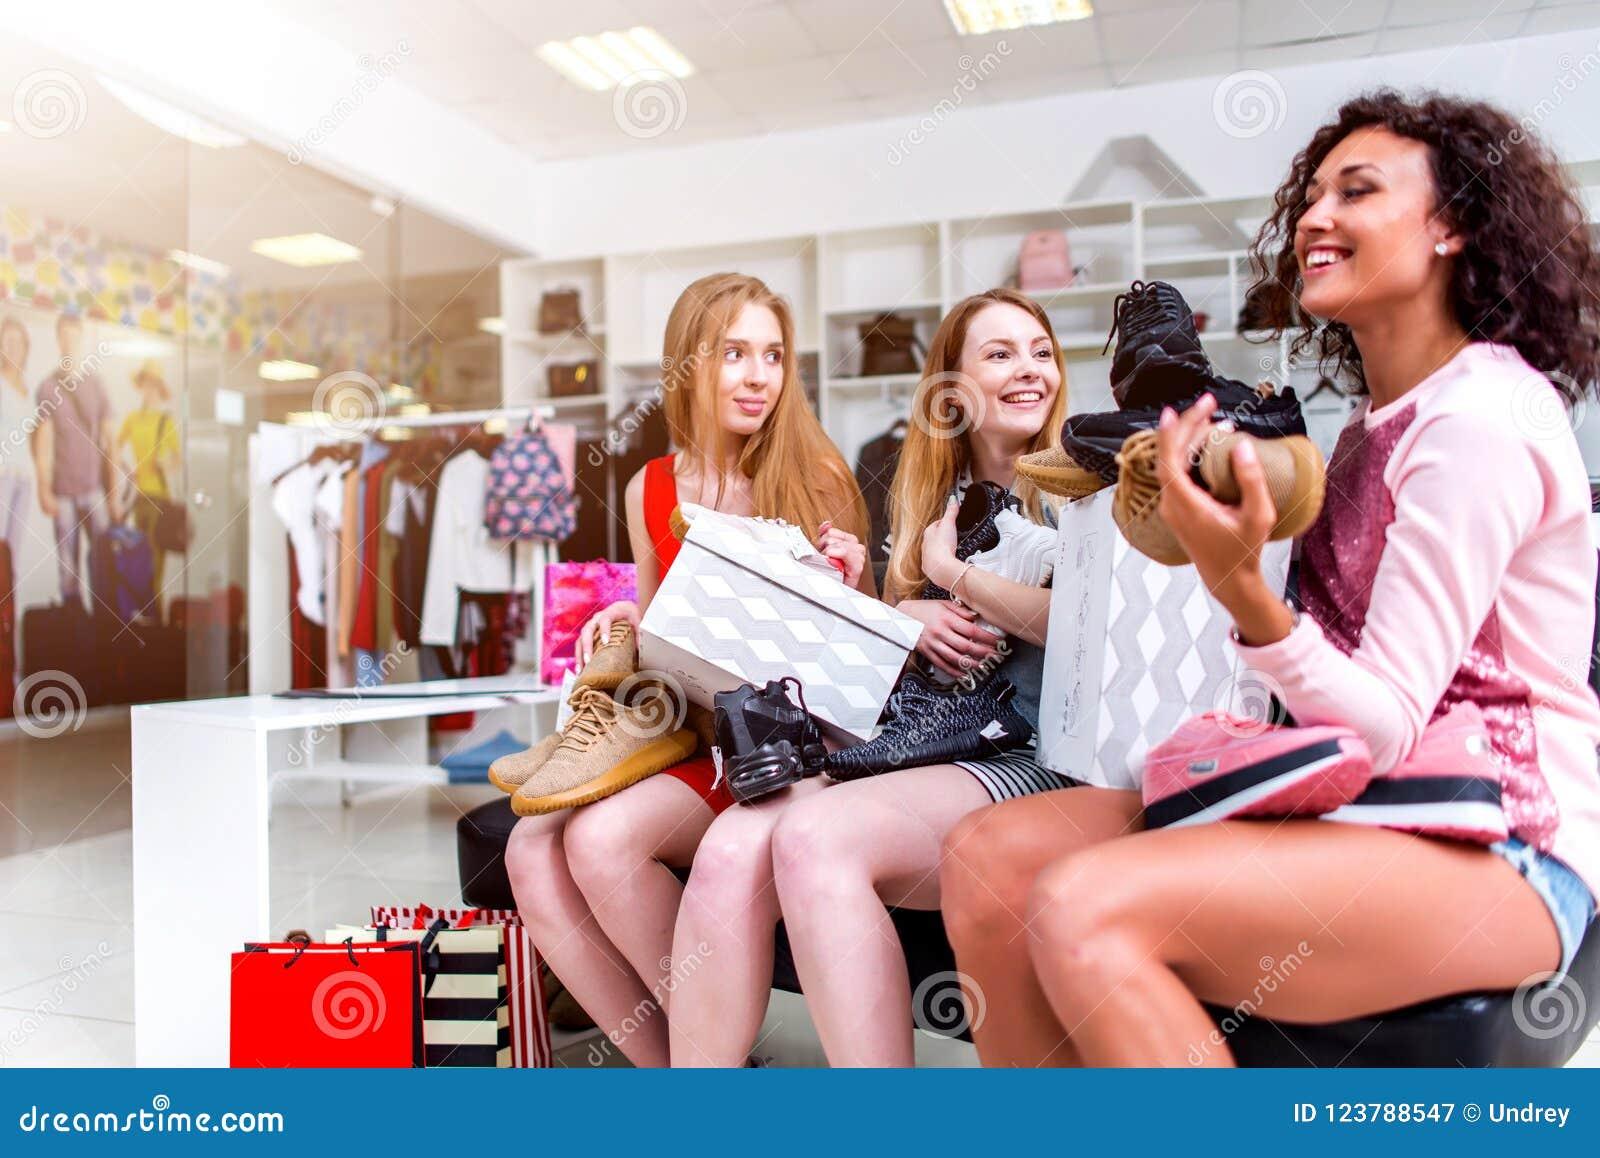 Positieve vrouwelijke vrienden gelukkig met nieuwe zitting met nieuwe schoenen en dozen op hun overlapping in klerenopslag